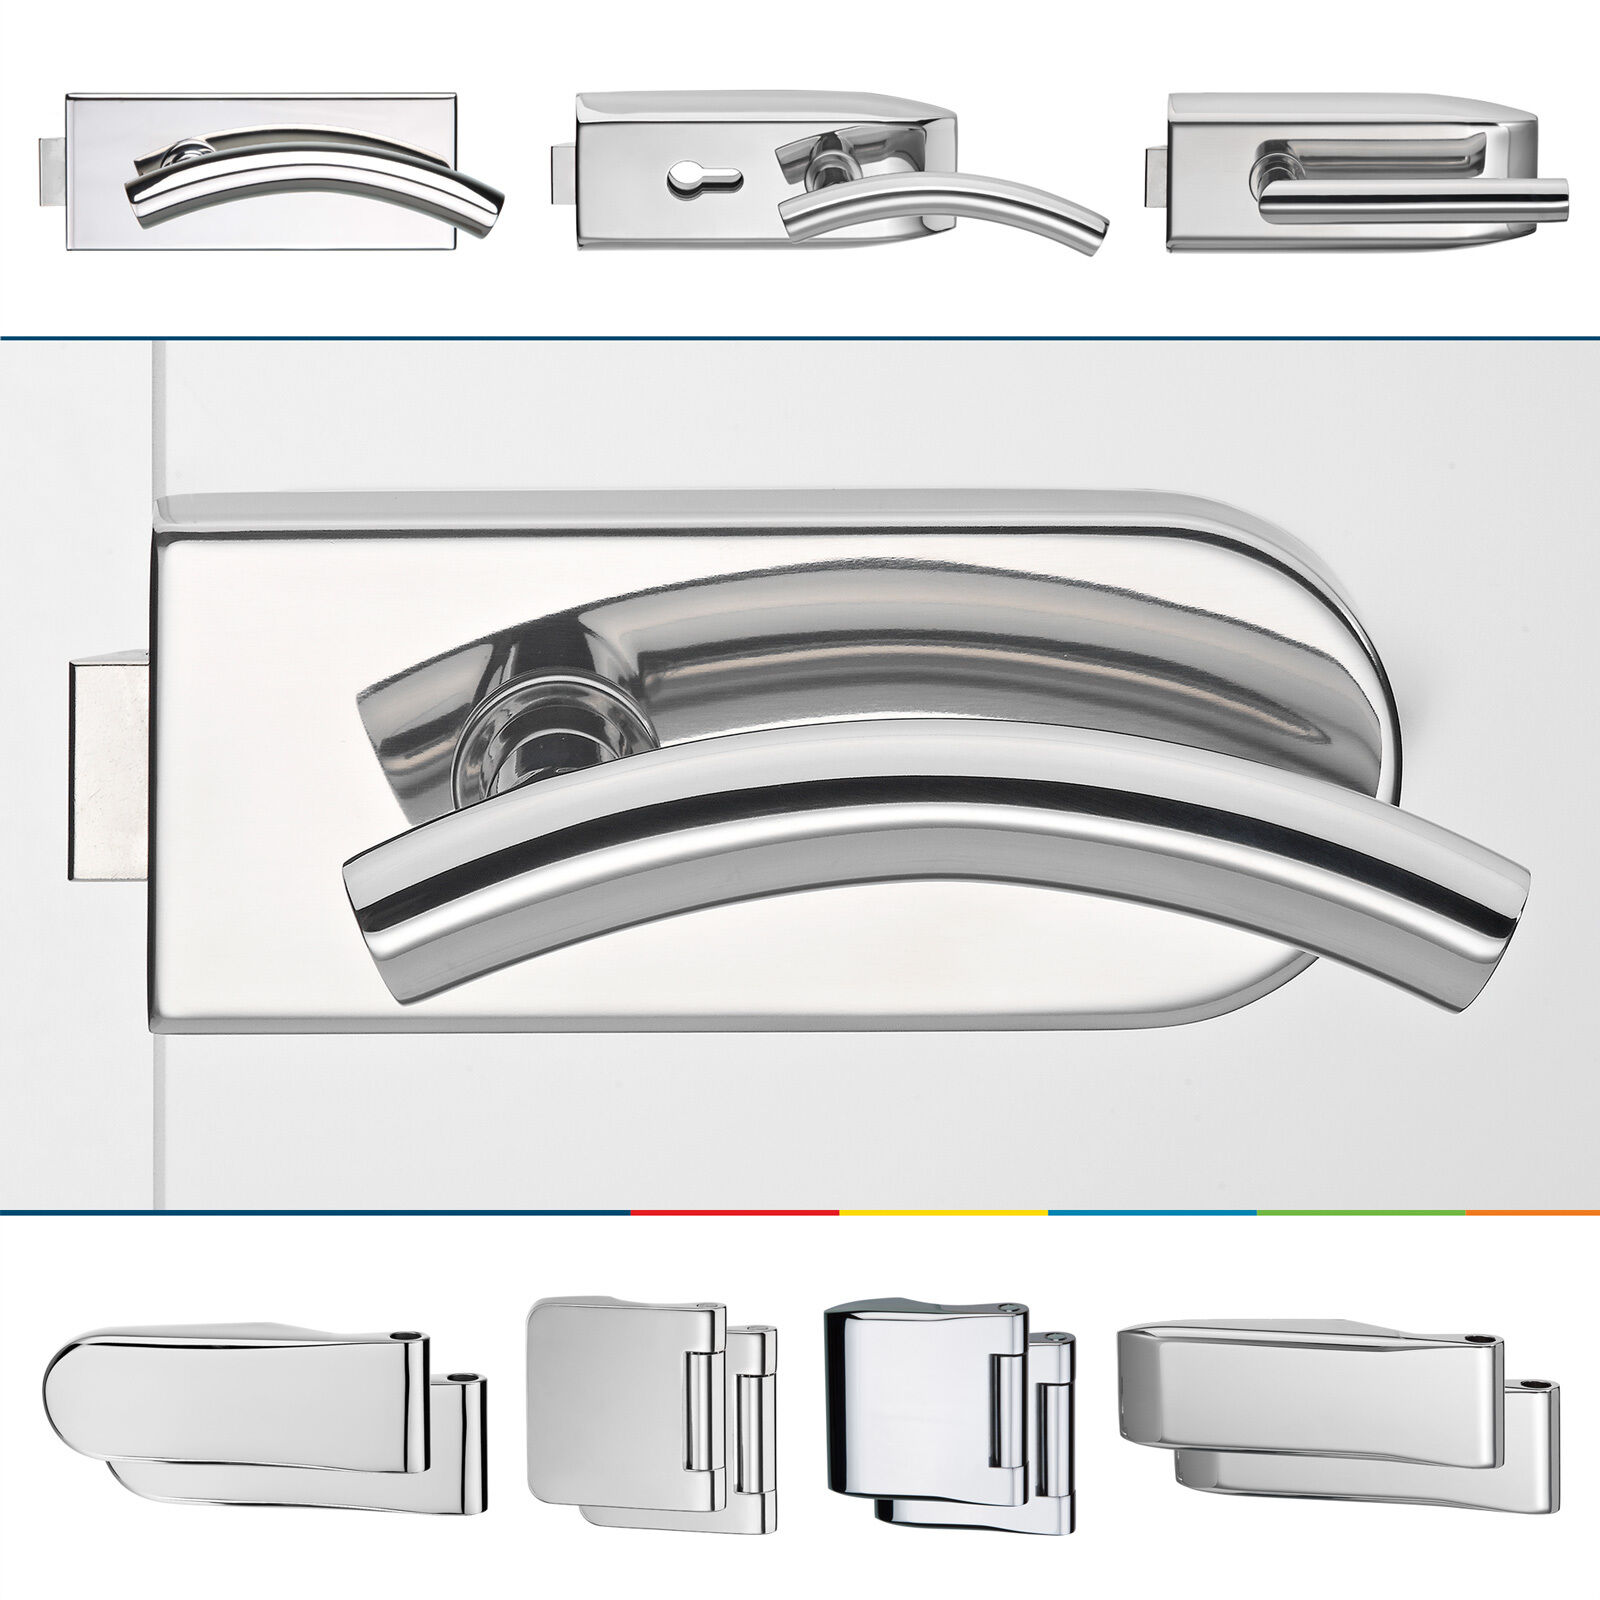 Glastürbeschlagset IV Auswahl aus 20 Varianten in Edelstahl poliert | Qualität und Verbraucher an erster Stelle  | Marke  | Verschiedene Waren  | Günstige Preise